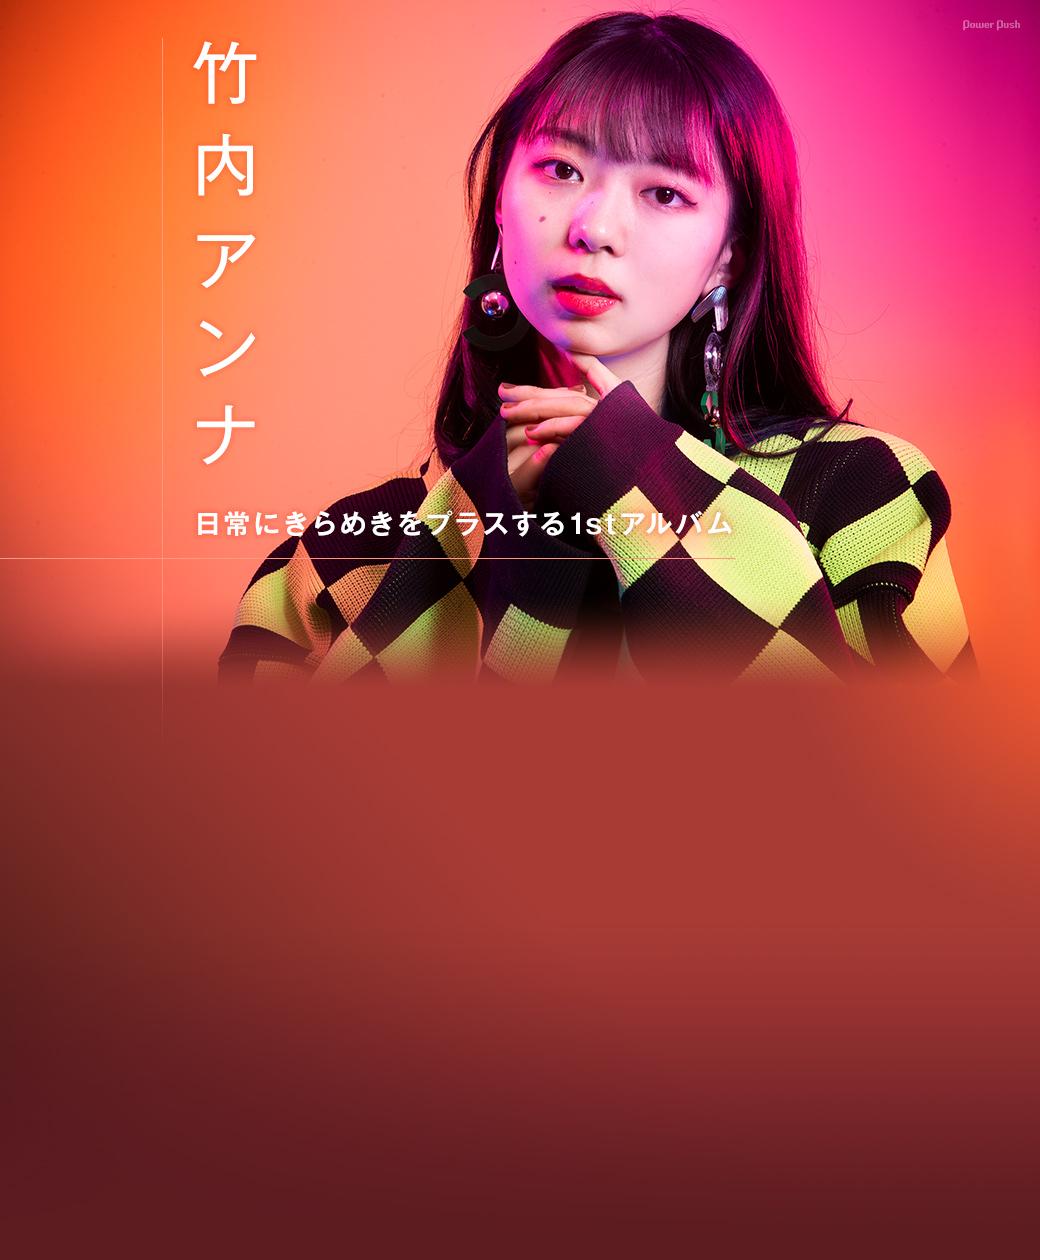 竹内アンナ|日常にきらめきをプラスする1stアルバム